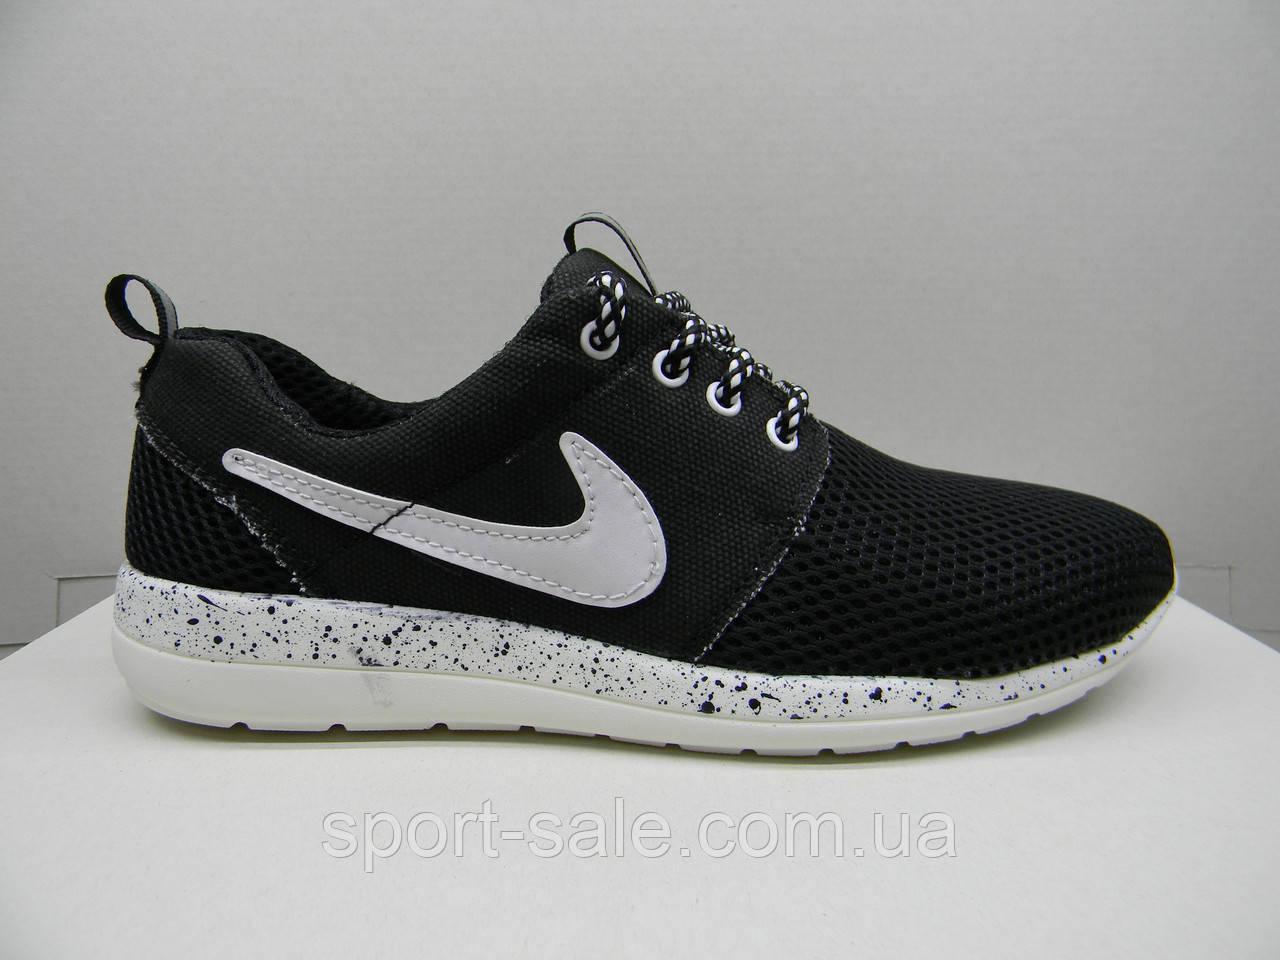 17b41ba56 Детские подростковые кроссовки Nike Roshe run опт: продажа, цена в ...